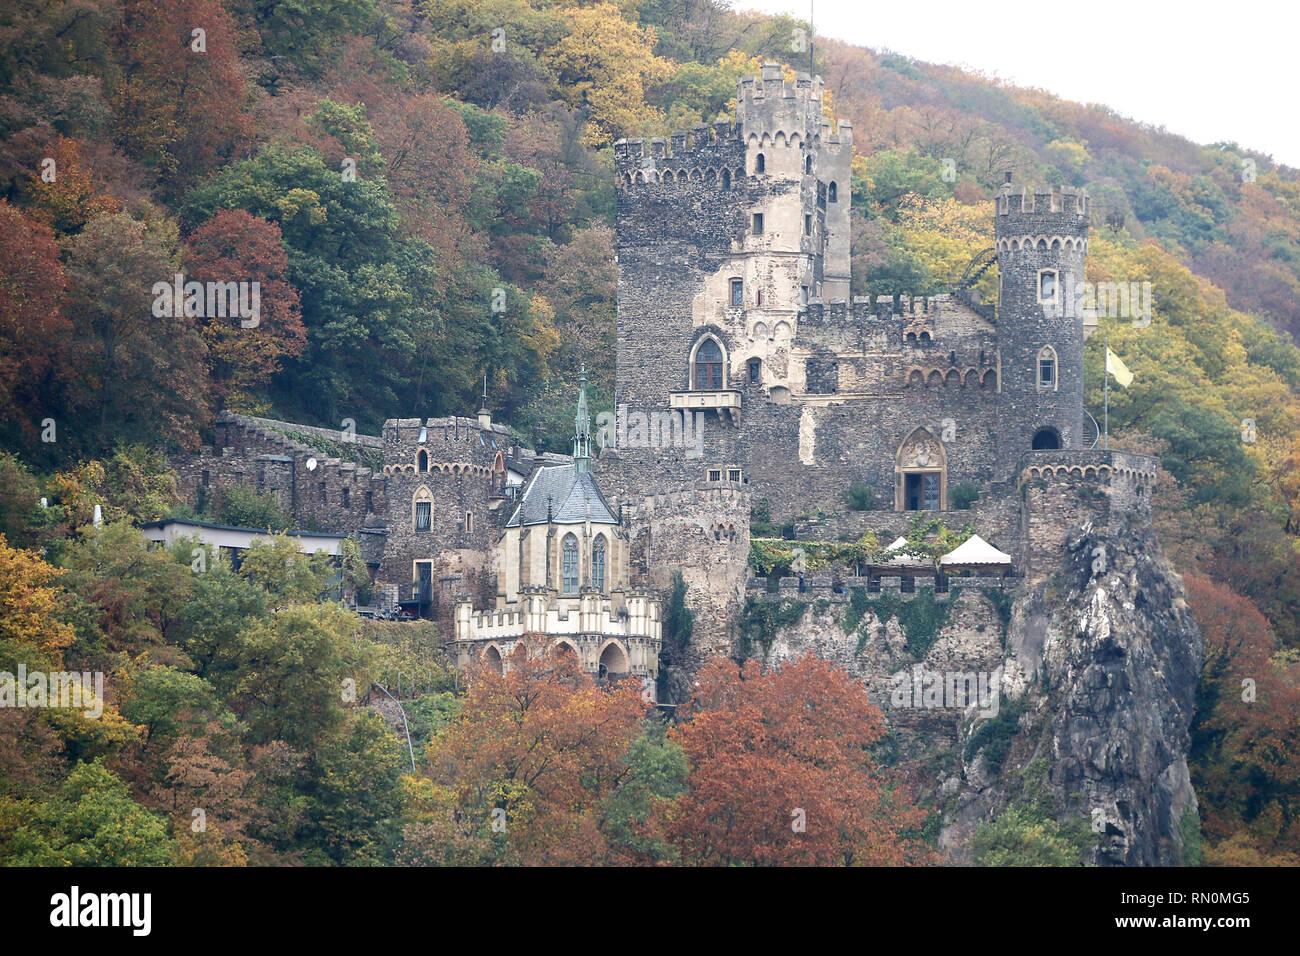 Romantik-Schlo ß Burg Rheinstein, Deutschland Stockbild